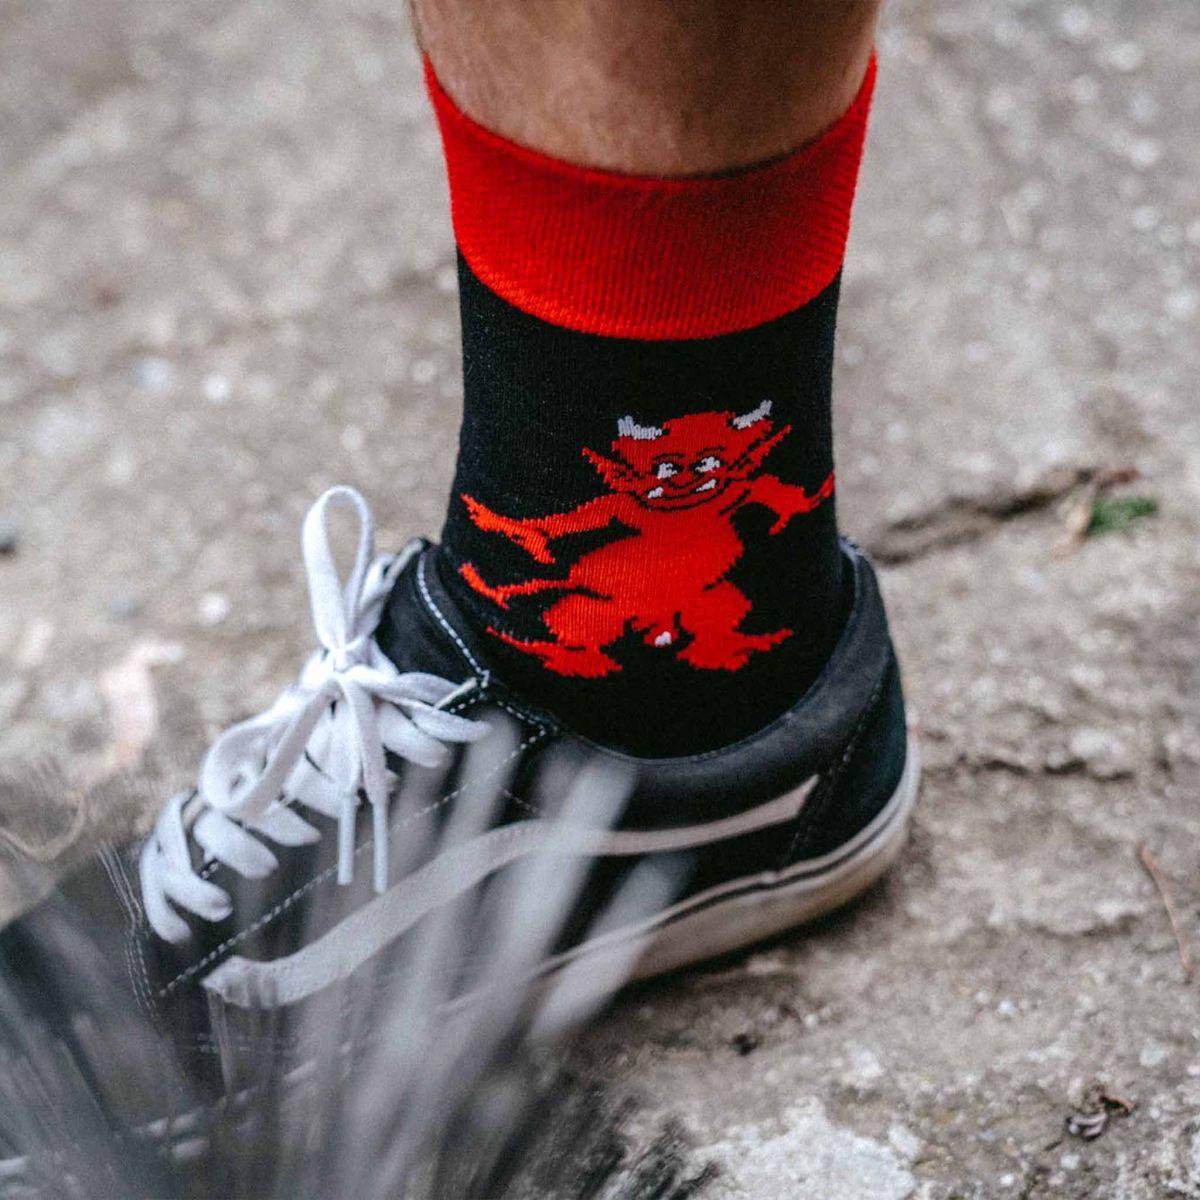 Șosete - Diavol p1